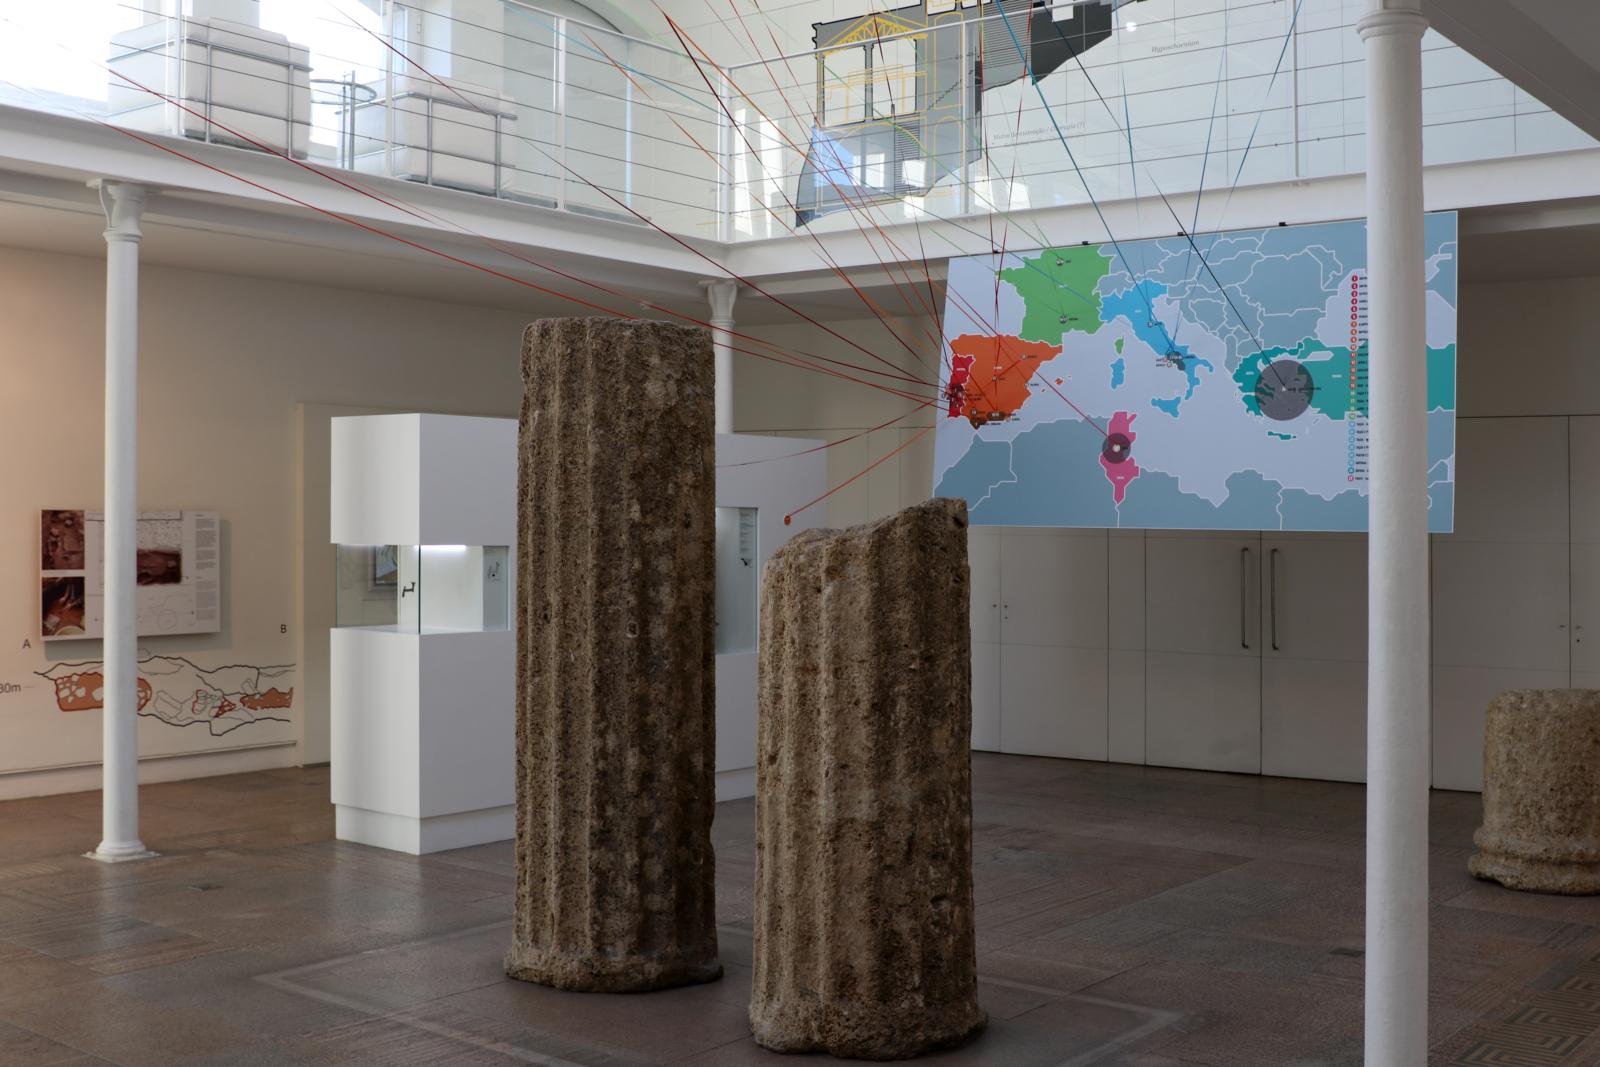 Espaço expositivo, com duas colunas romanas partidas, e um mapa do mundo